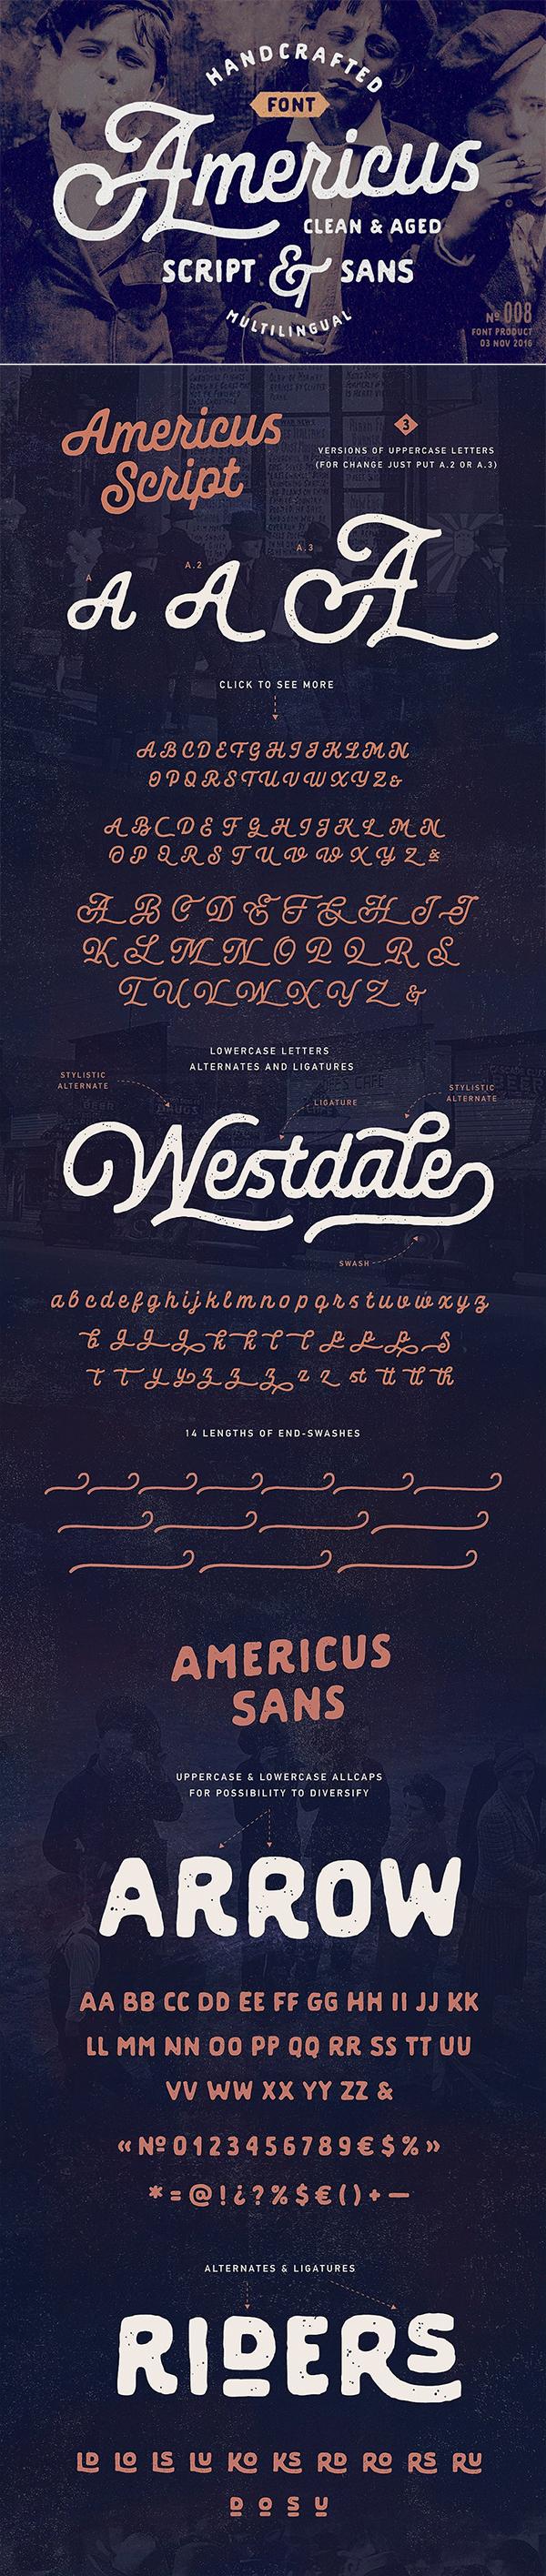 Americus Script & Sans Font